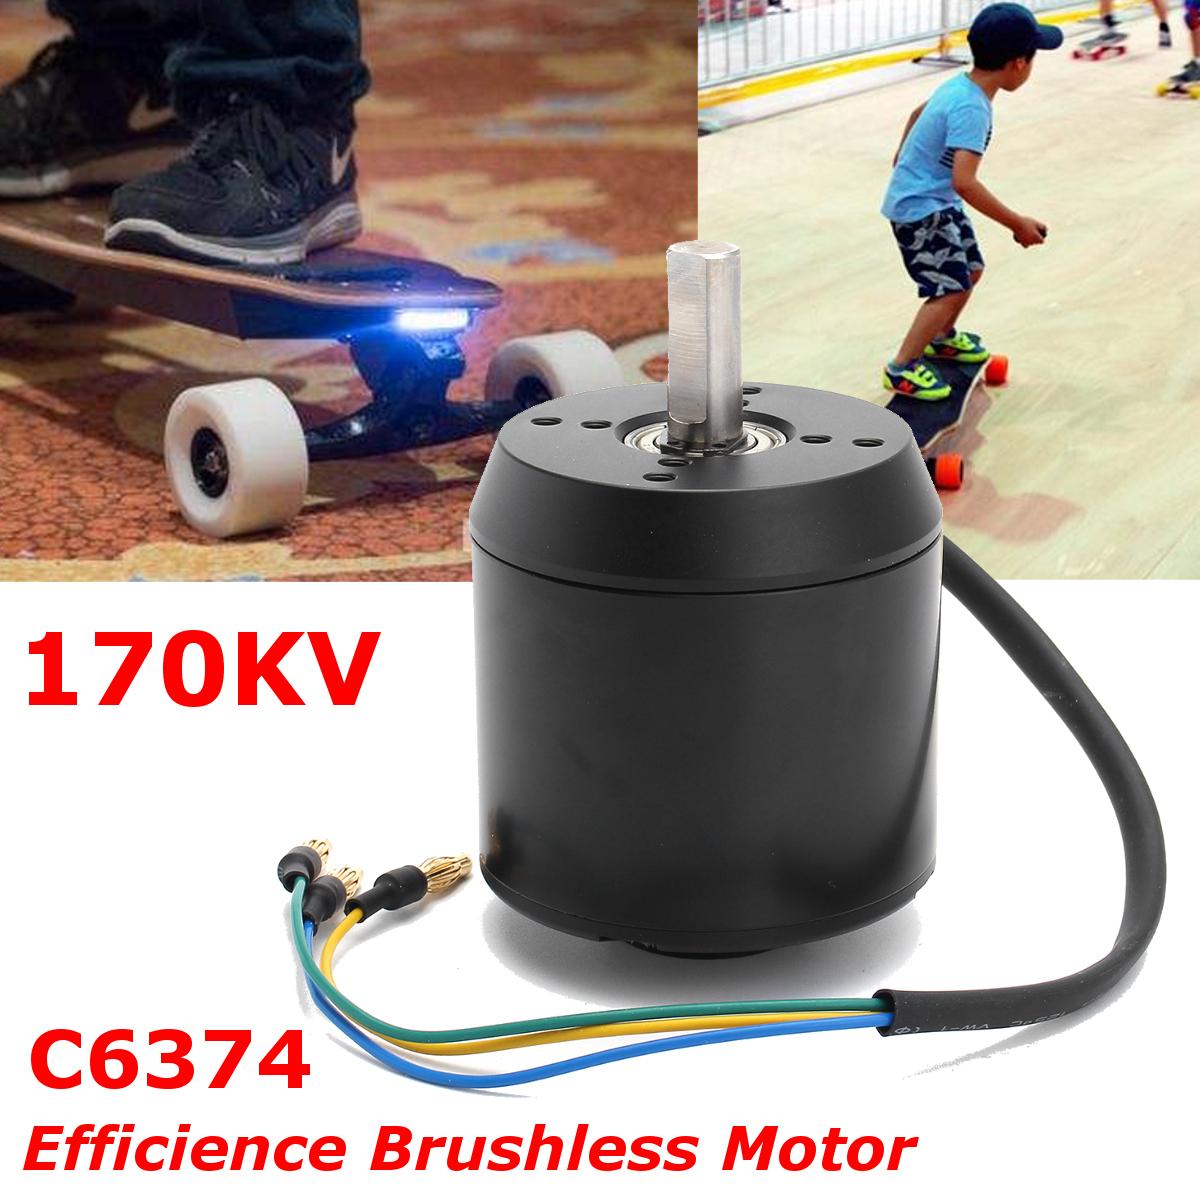 170KV High Efficience Brushless Motor C6374 for Electric Skateboard Longboard